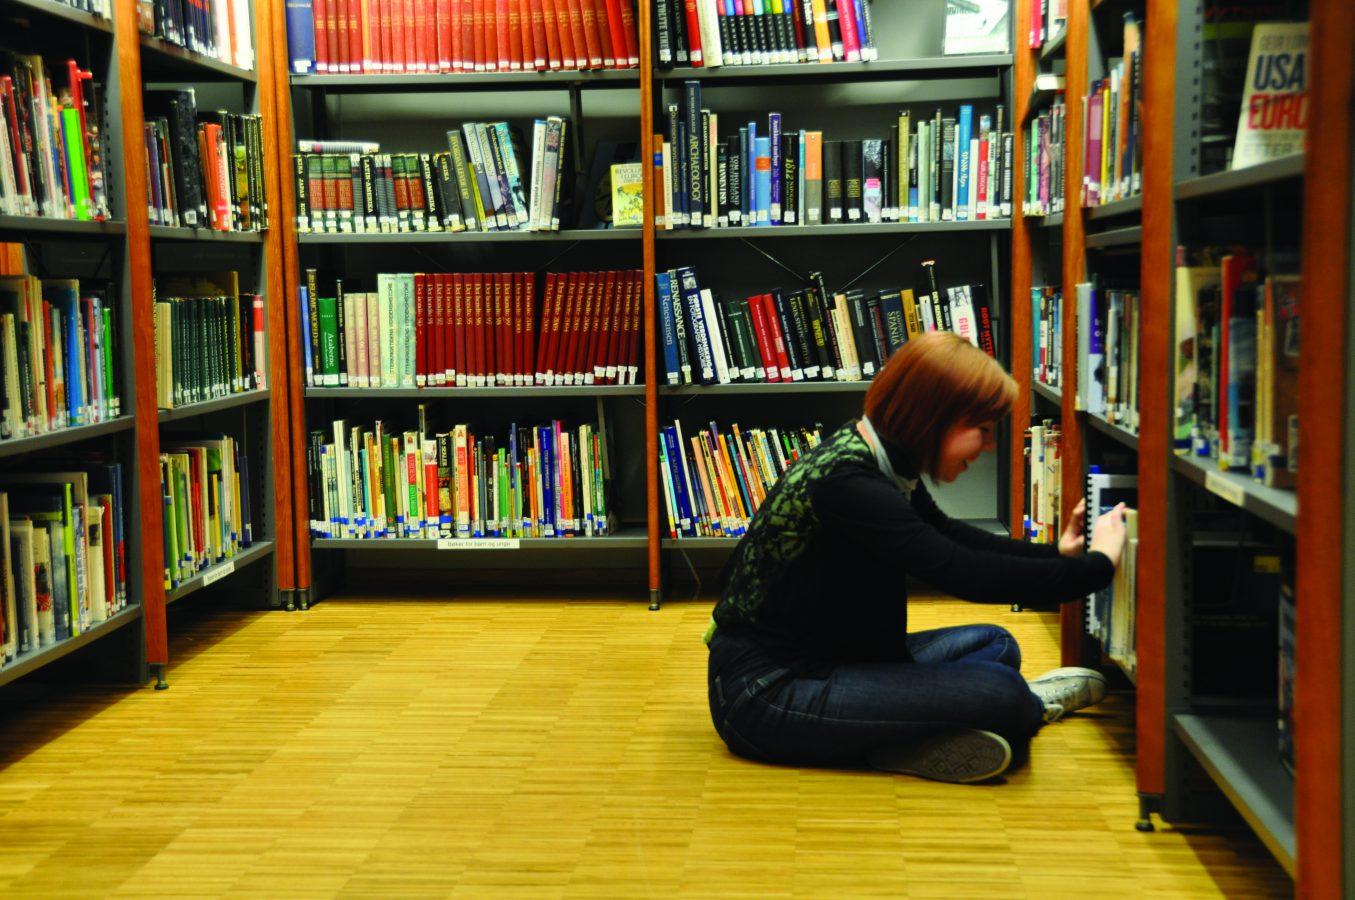 Jente setter på gulvet i et bibliotek og blar i bøker